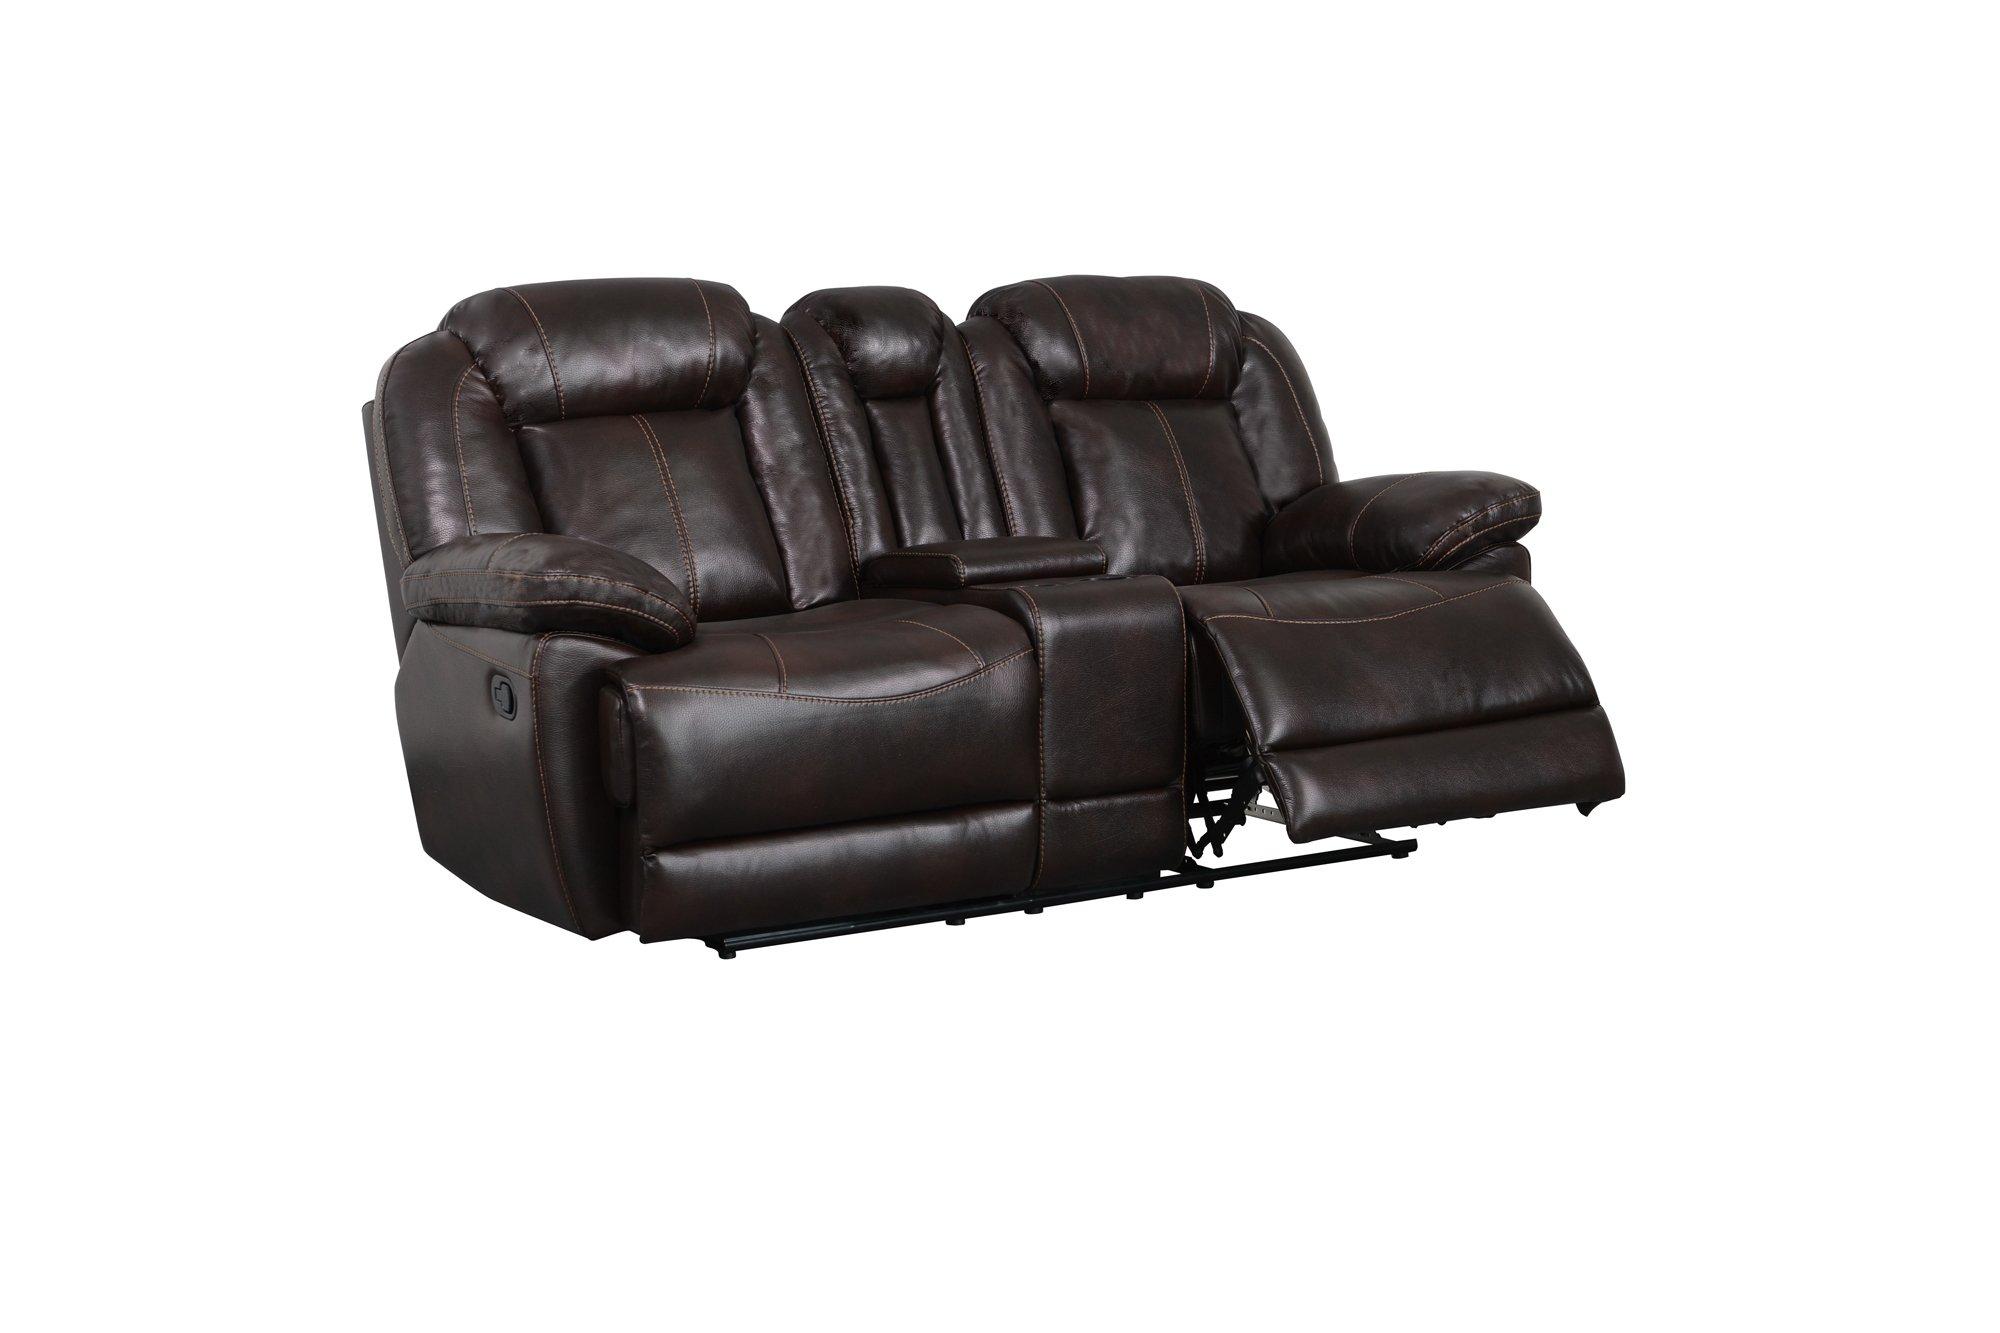 Astonishing U8304 Brown Leather Air Console Reclining Loveseat By Global Furniture Frankydiablos Diy Chair Ideas Frankydiabloscom